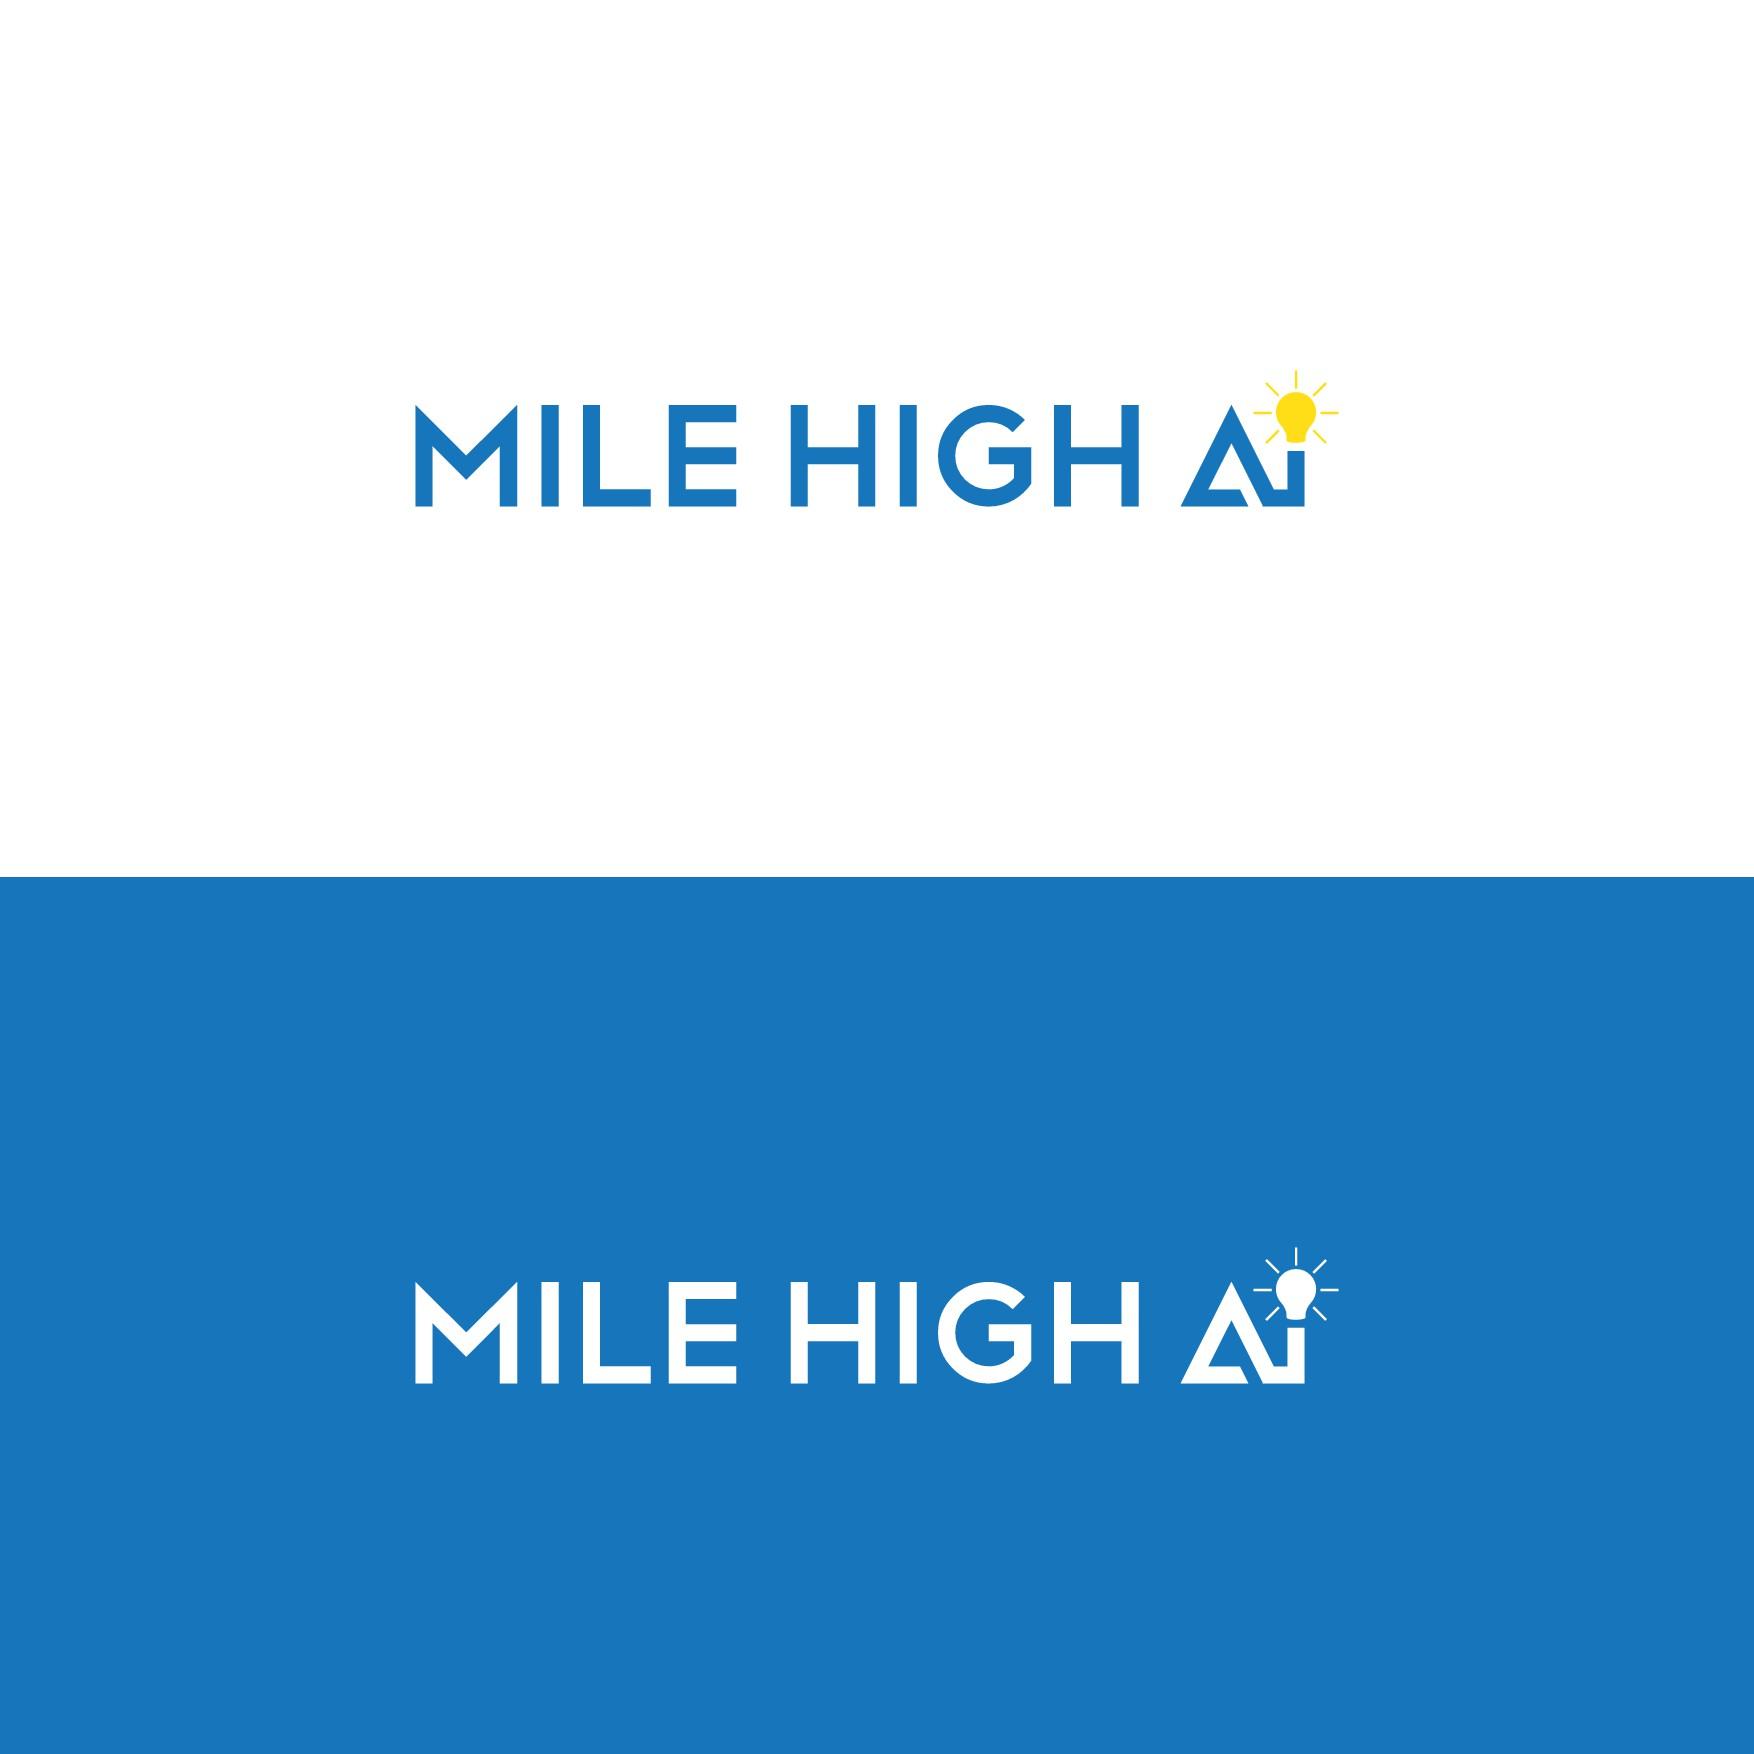 Mile High Ai